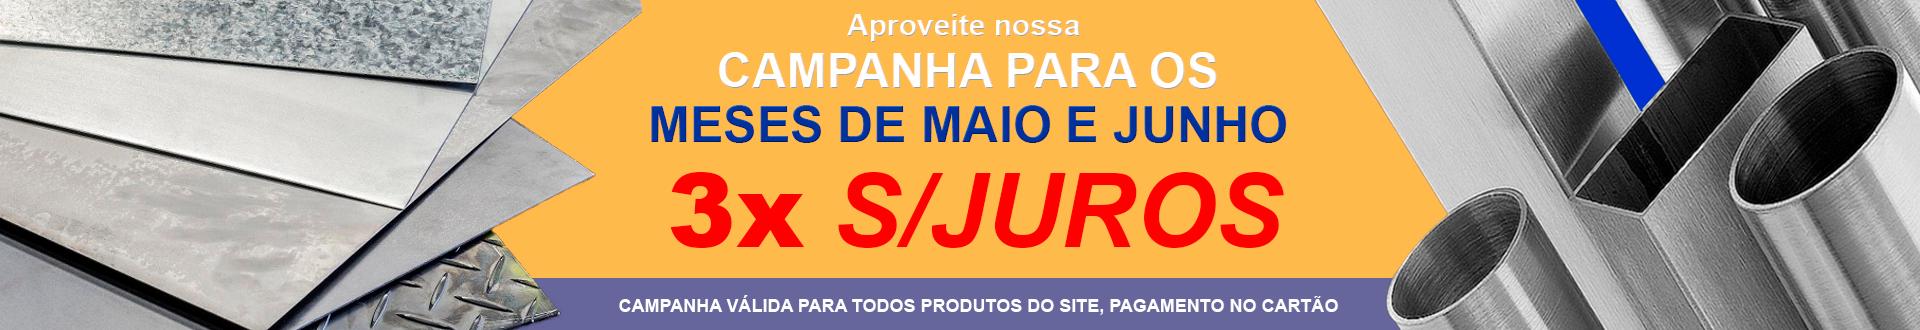 2019-05-15-banner-1920x330-fundo-laranja---desconto-CAMPANHA-MAIO-E-ABRIL-3-X-SEM-JUROS